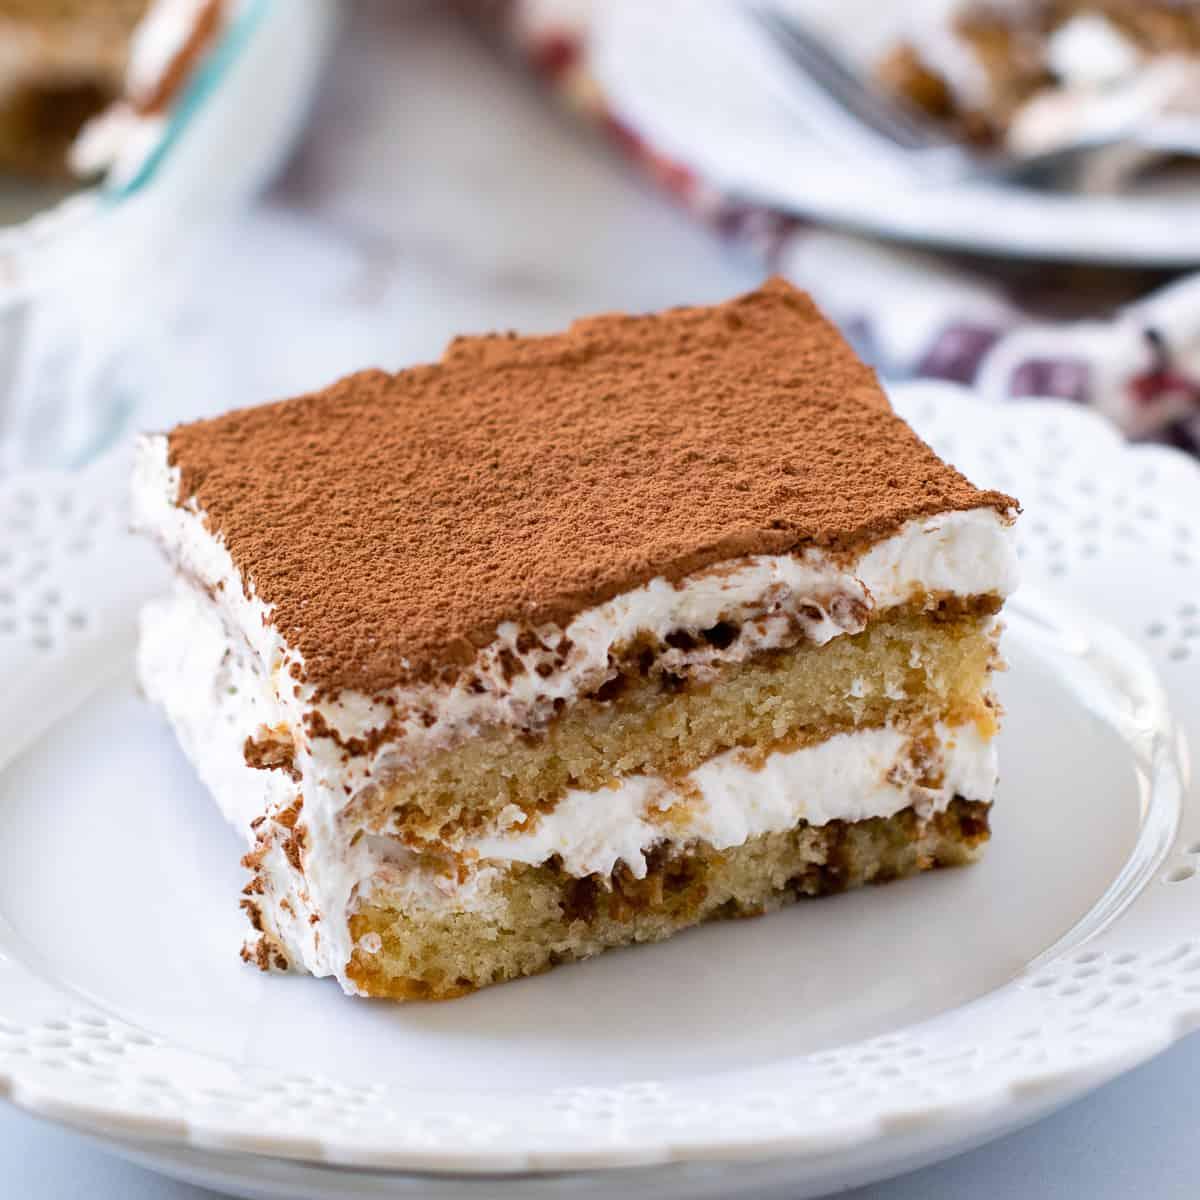 Eggless tiramisu cake on a white plate